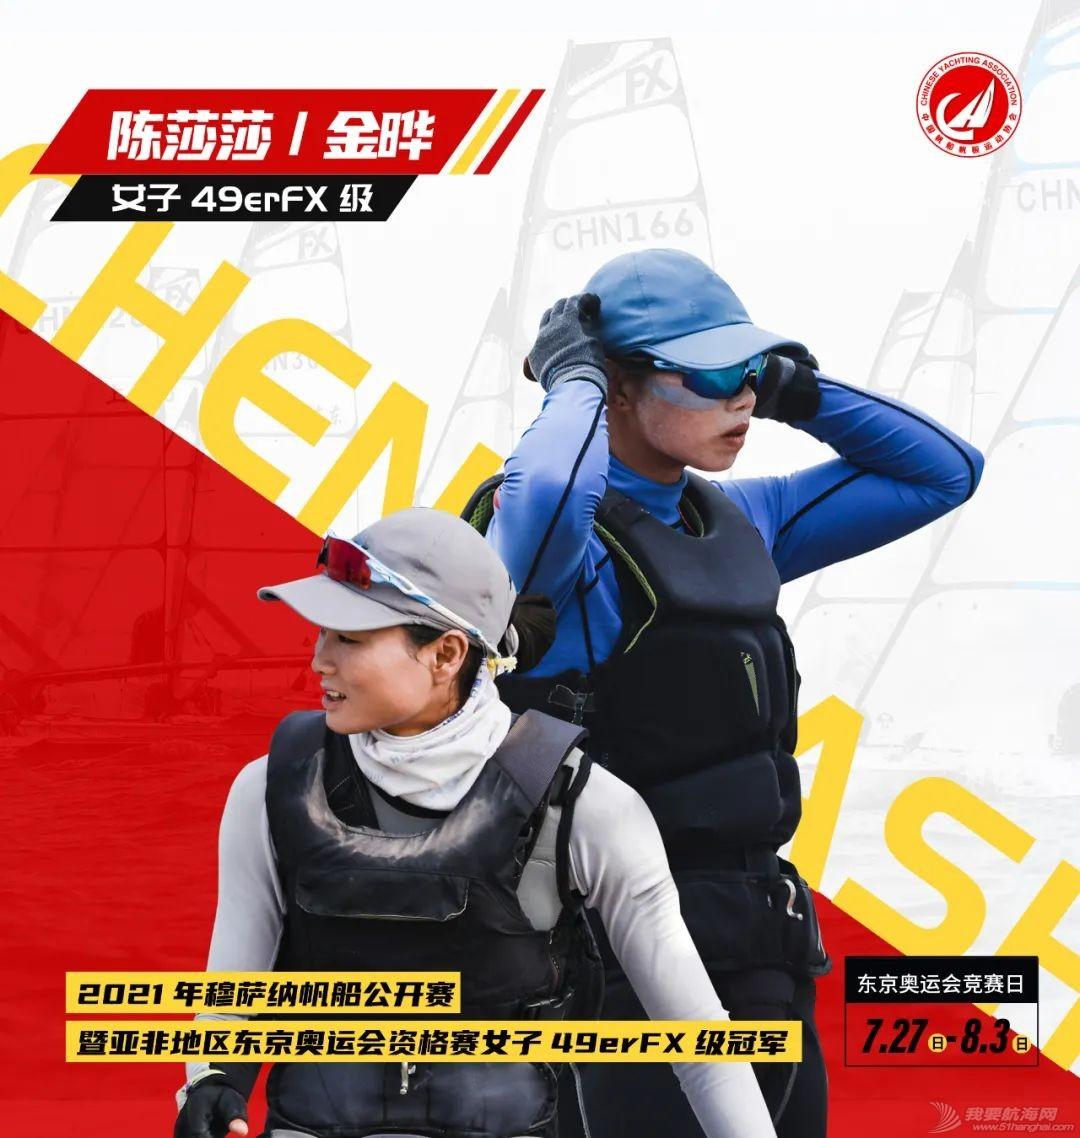 东京奥运会倒计时100天 京东助力中国帆船帆板队全力备战w9.jpg